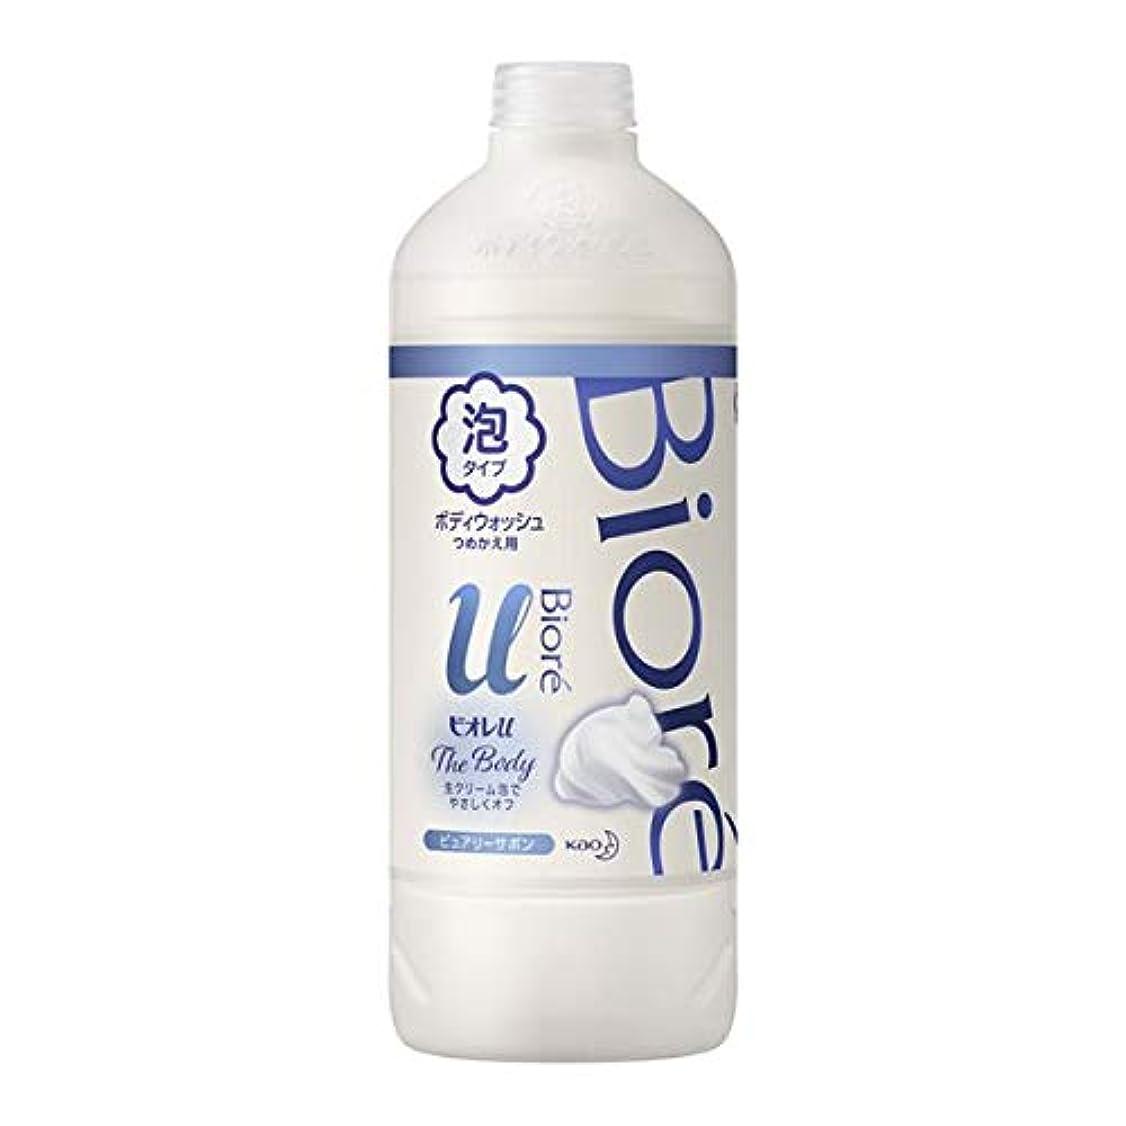 コスト先史時代の傾斜花王 ビオレu ザ ボディ泡ピュアリーサボンの香り 詰替え用 450ml